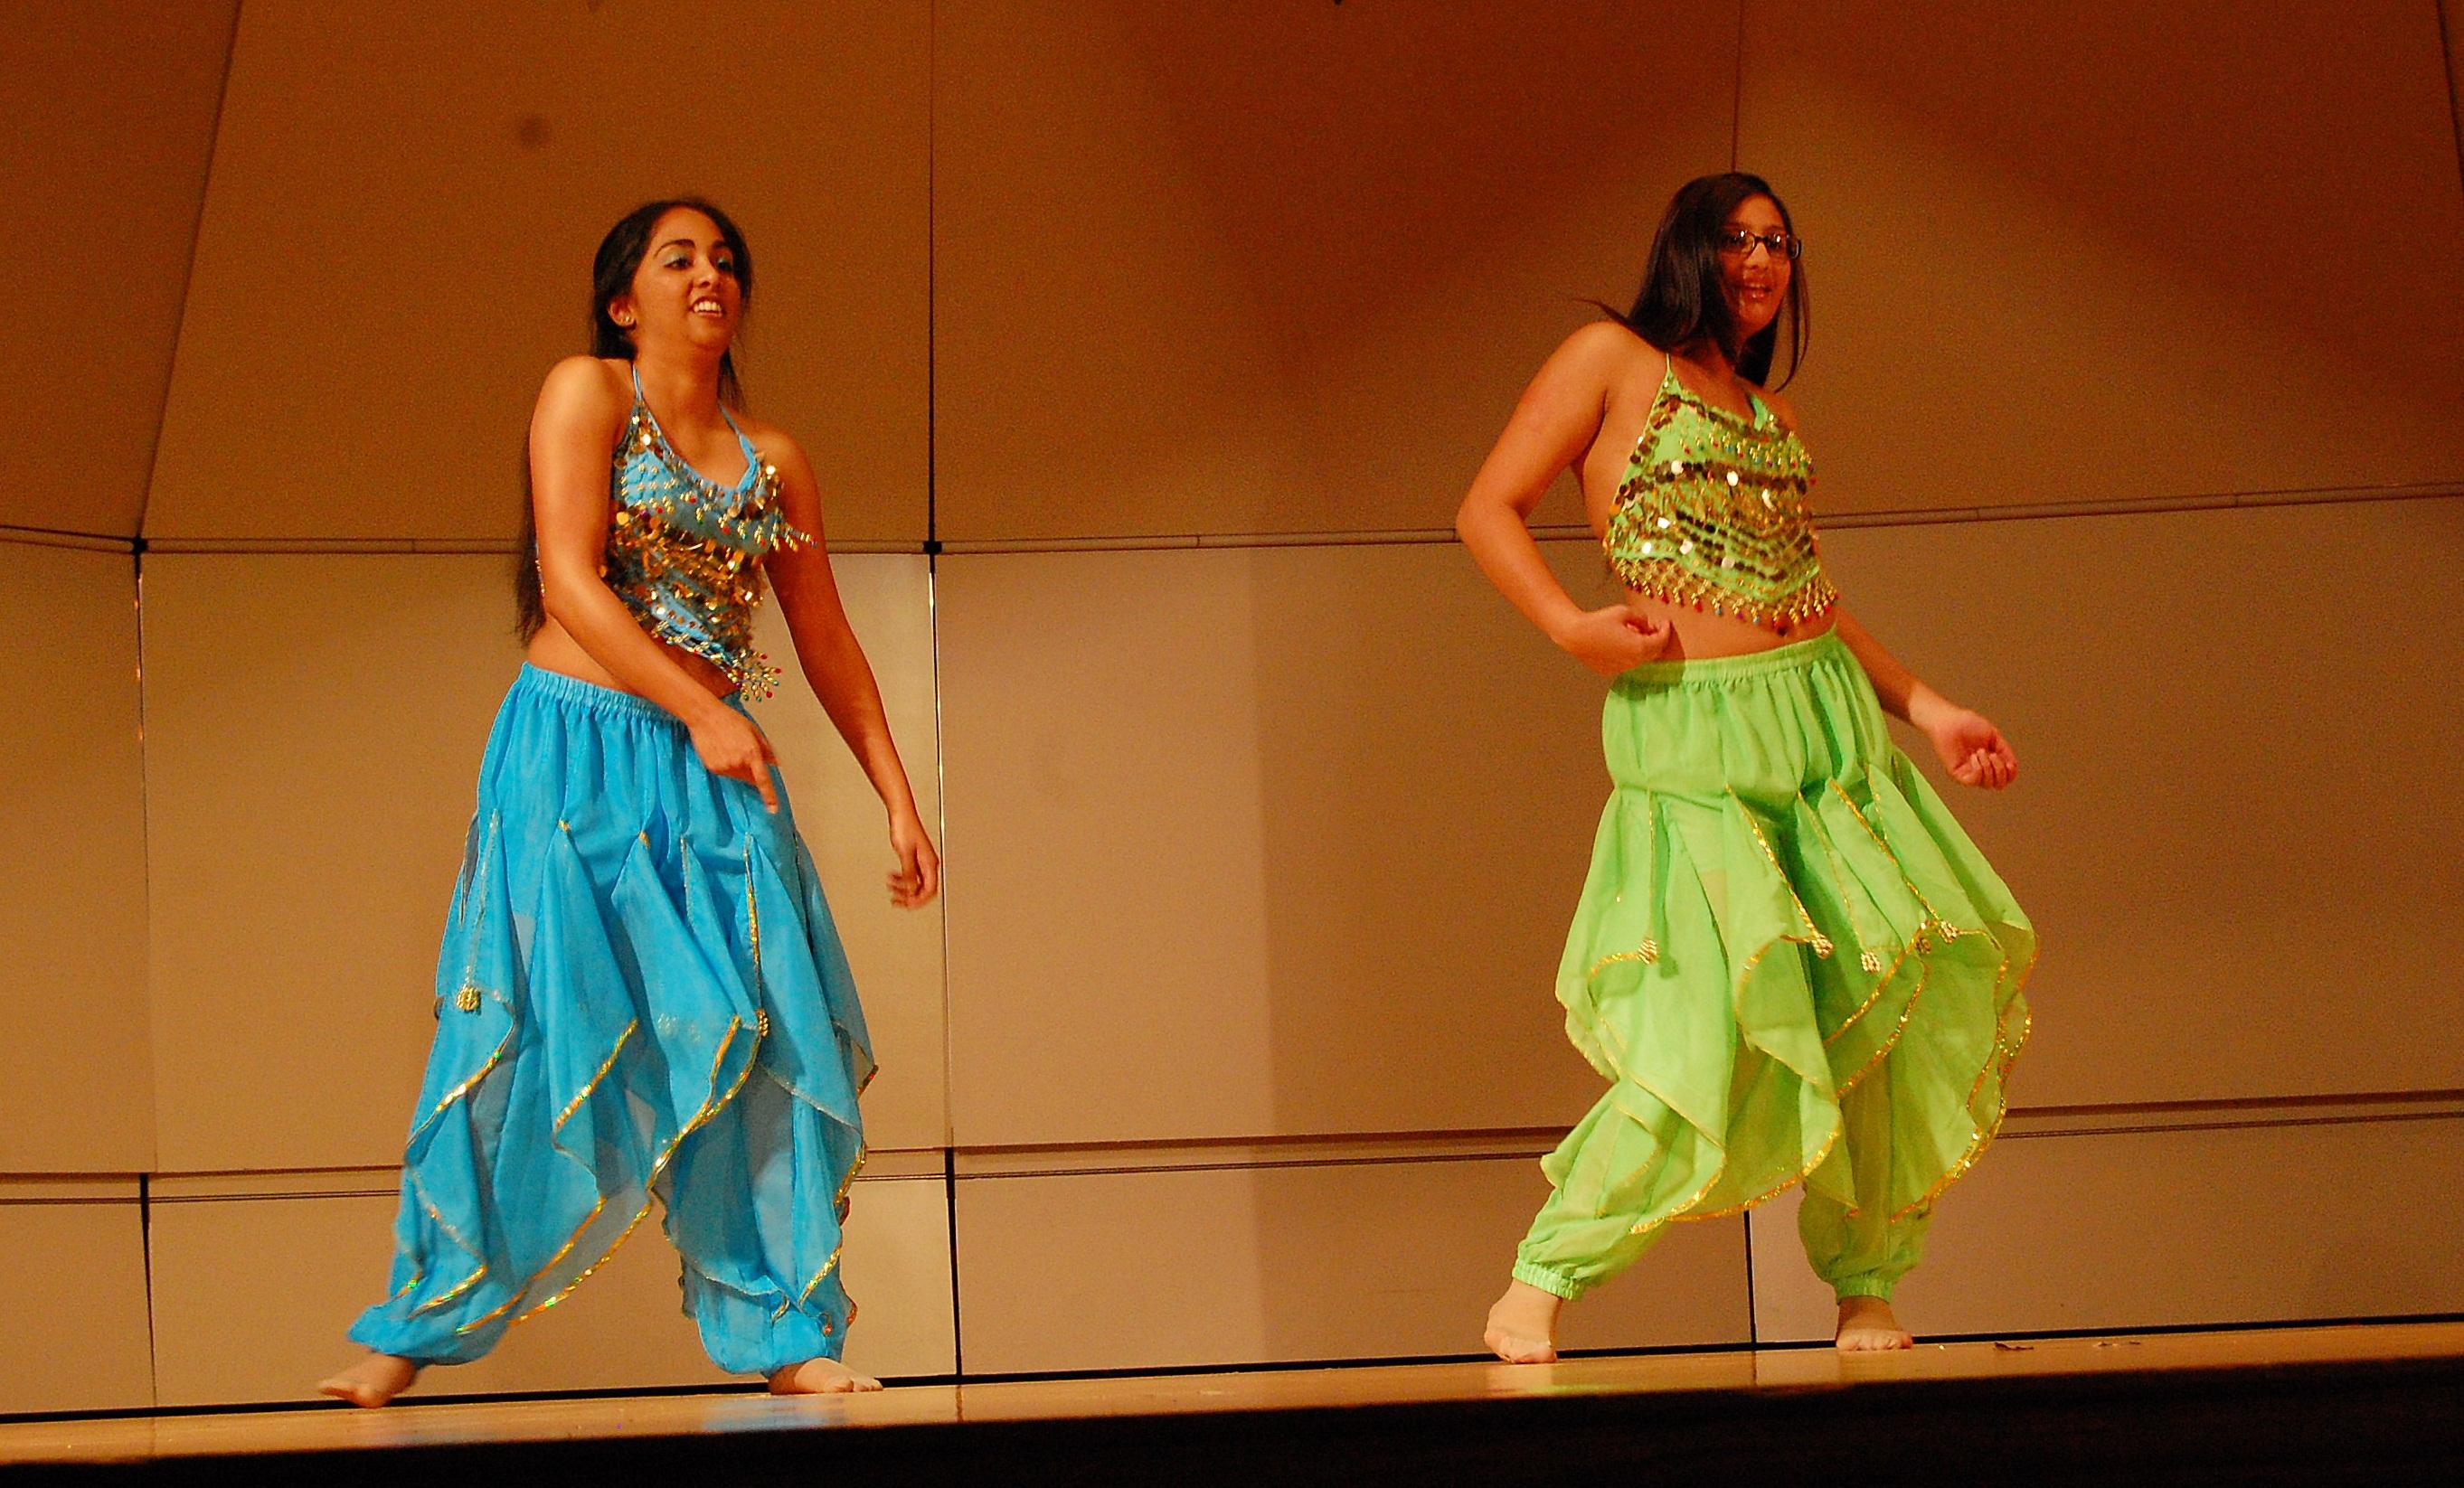 Hindu festival showcases dance, culture